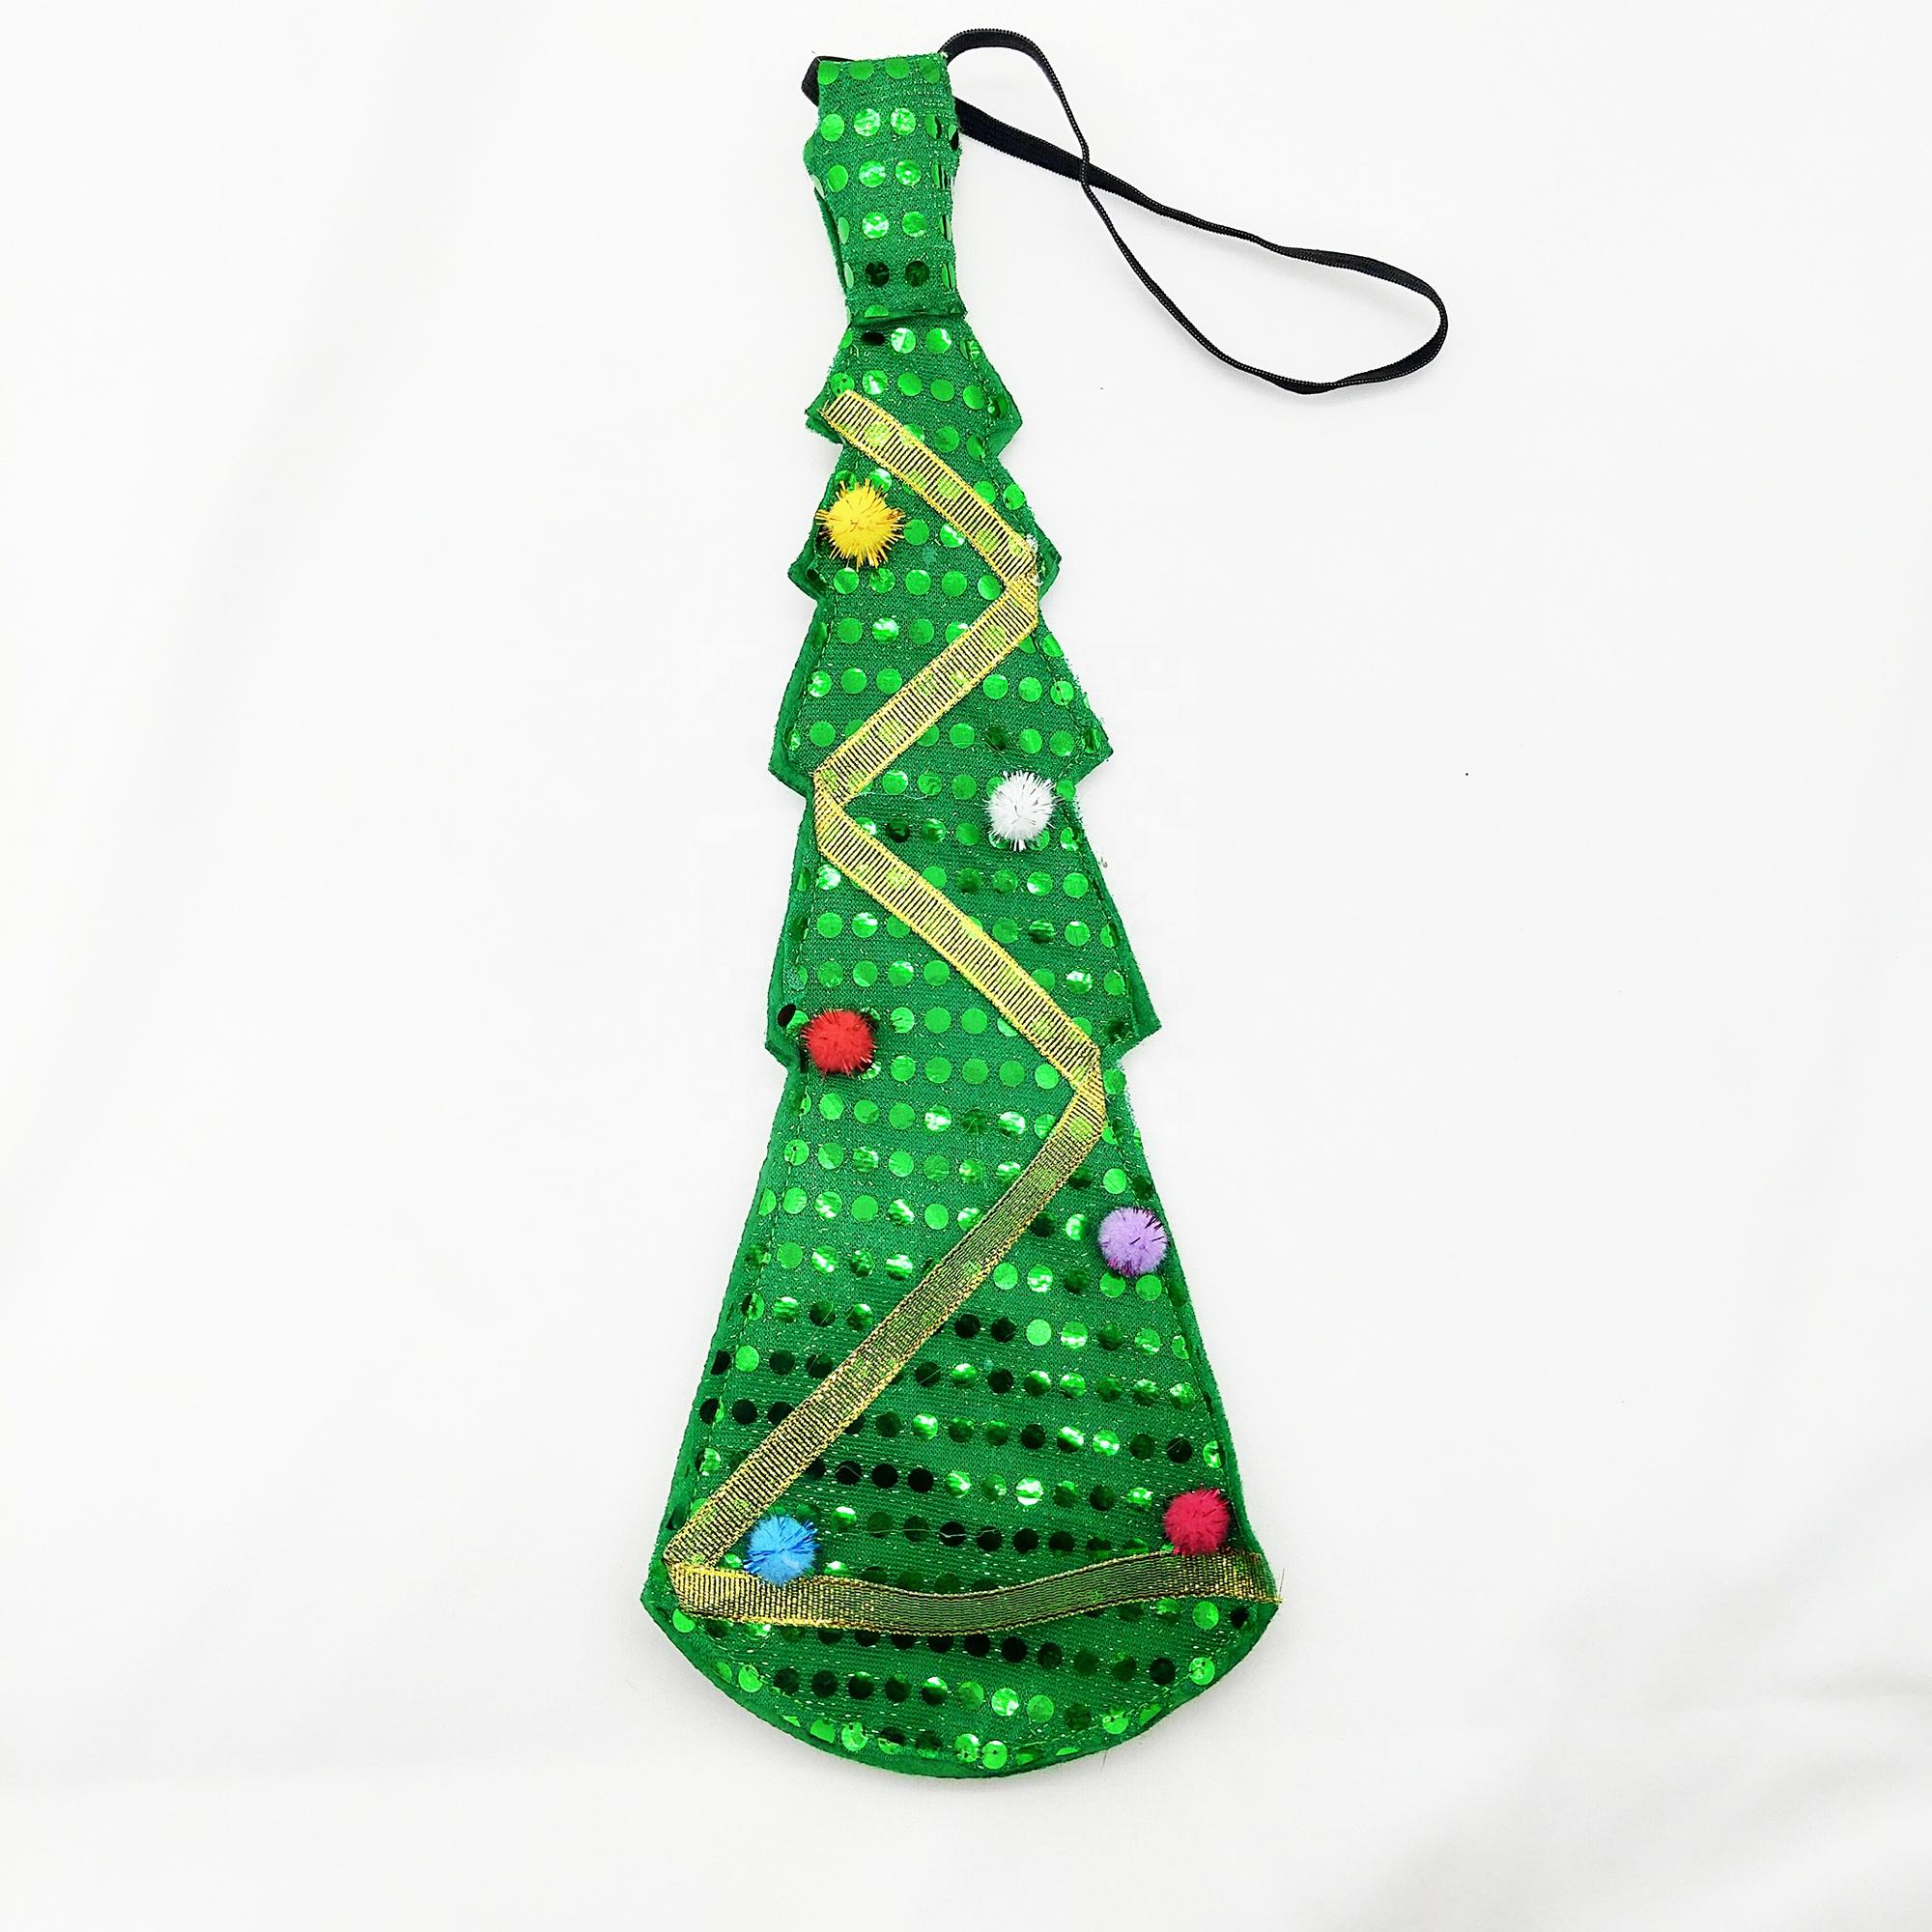 ต้นคริสต์มาสรูปหลอดไฟ LED 9 ต้นไม้ Light Up LED หลอดไฟคริสต์มาสสร้อยคอ Mardi Gras